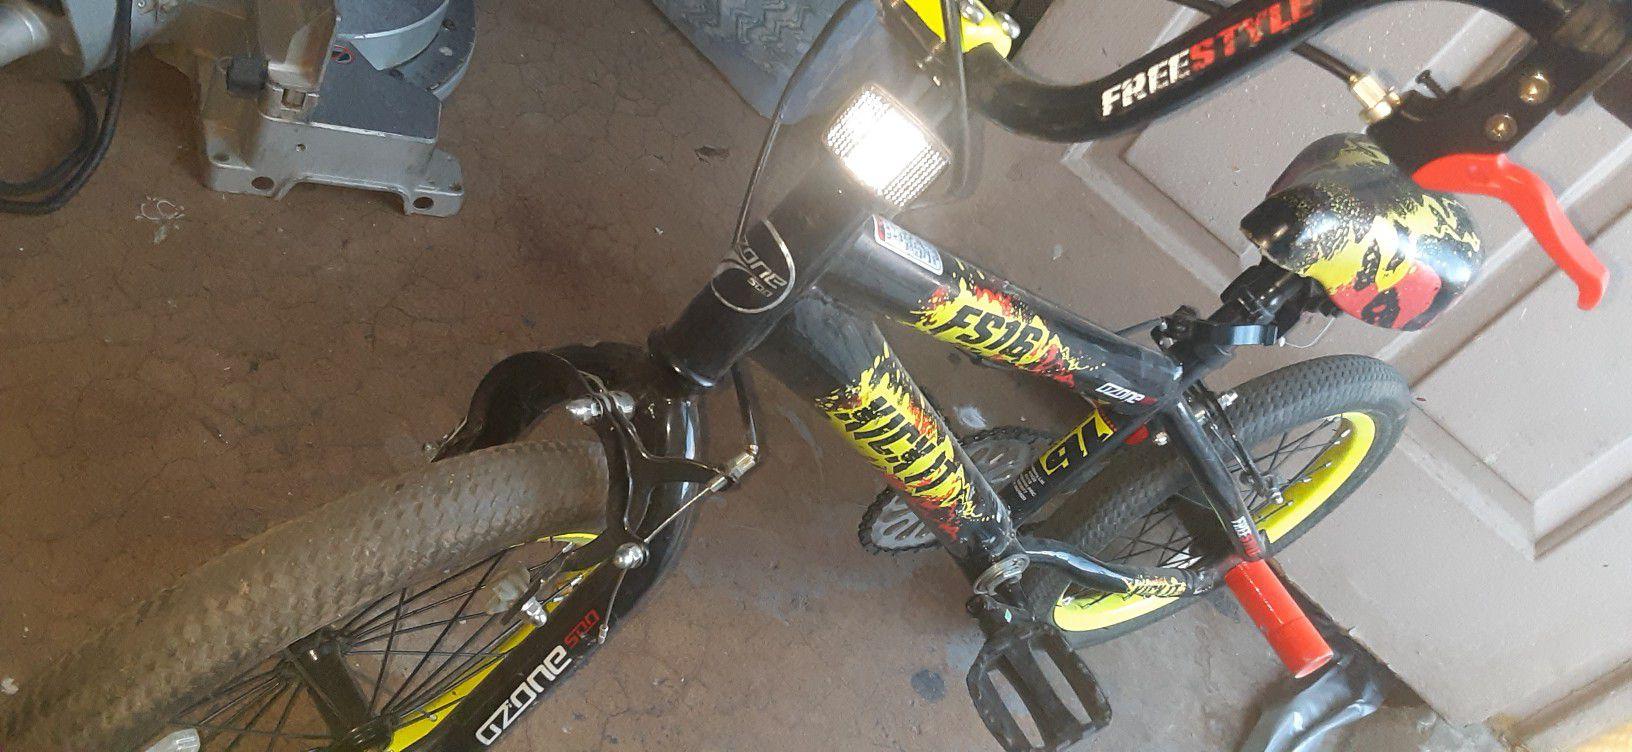 Ozone FS kick it kids bike